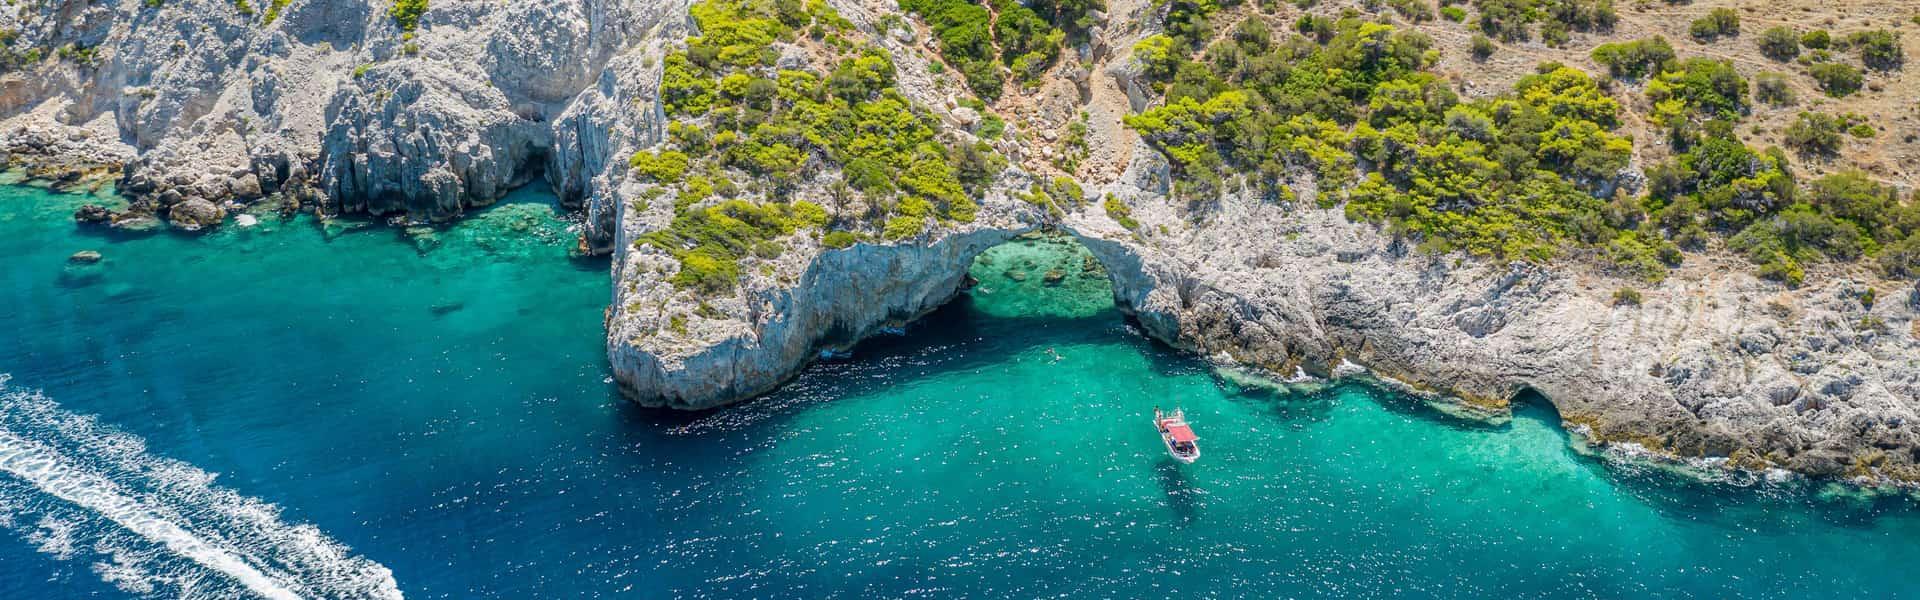 Η σπηλιά της φώκιας στο Λουτράκι